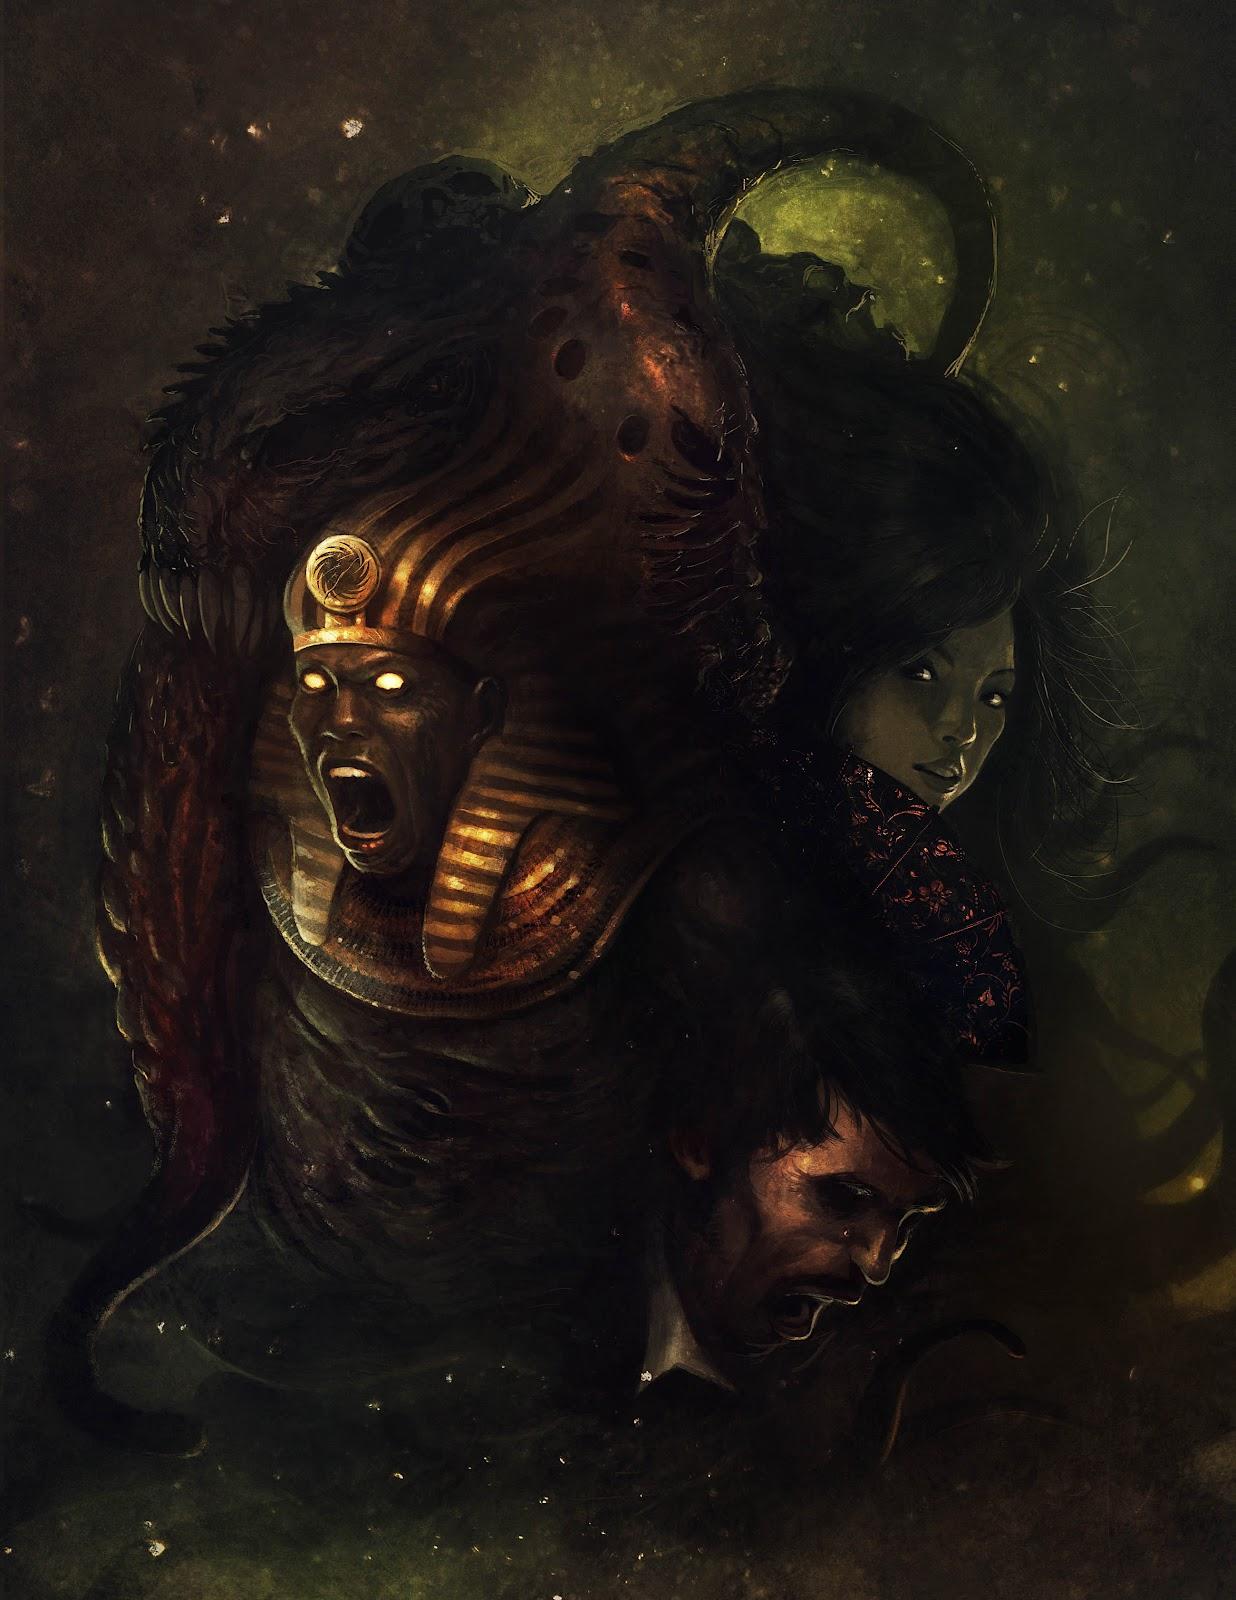 Poderosos y escalofriantes monstruos del mundo de Lovecraft